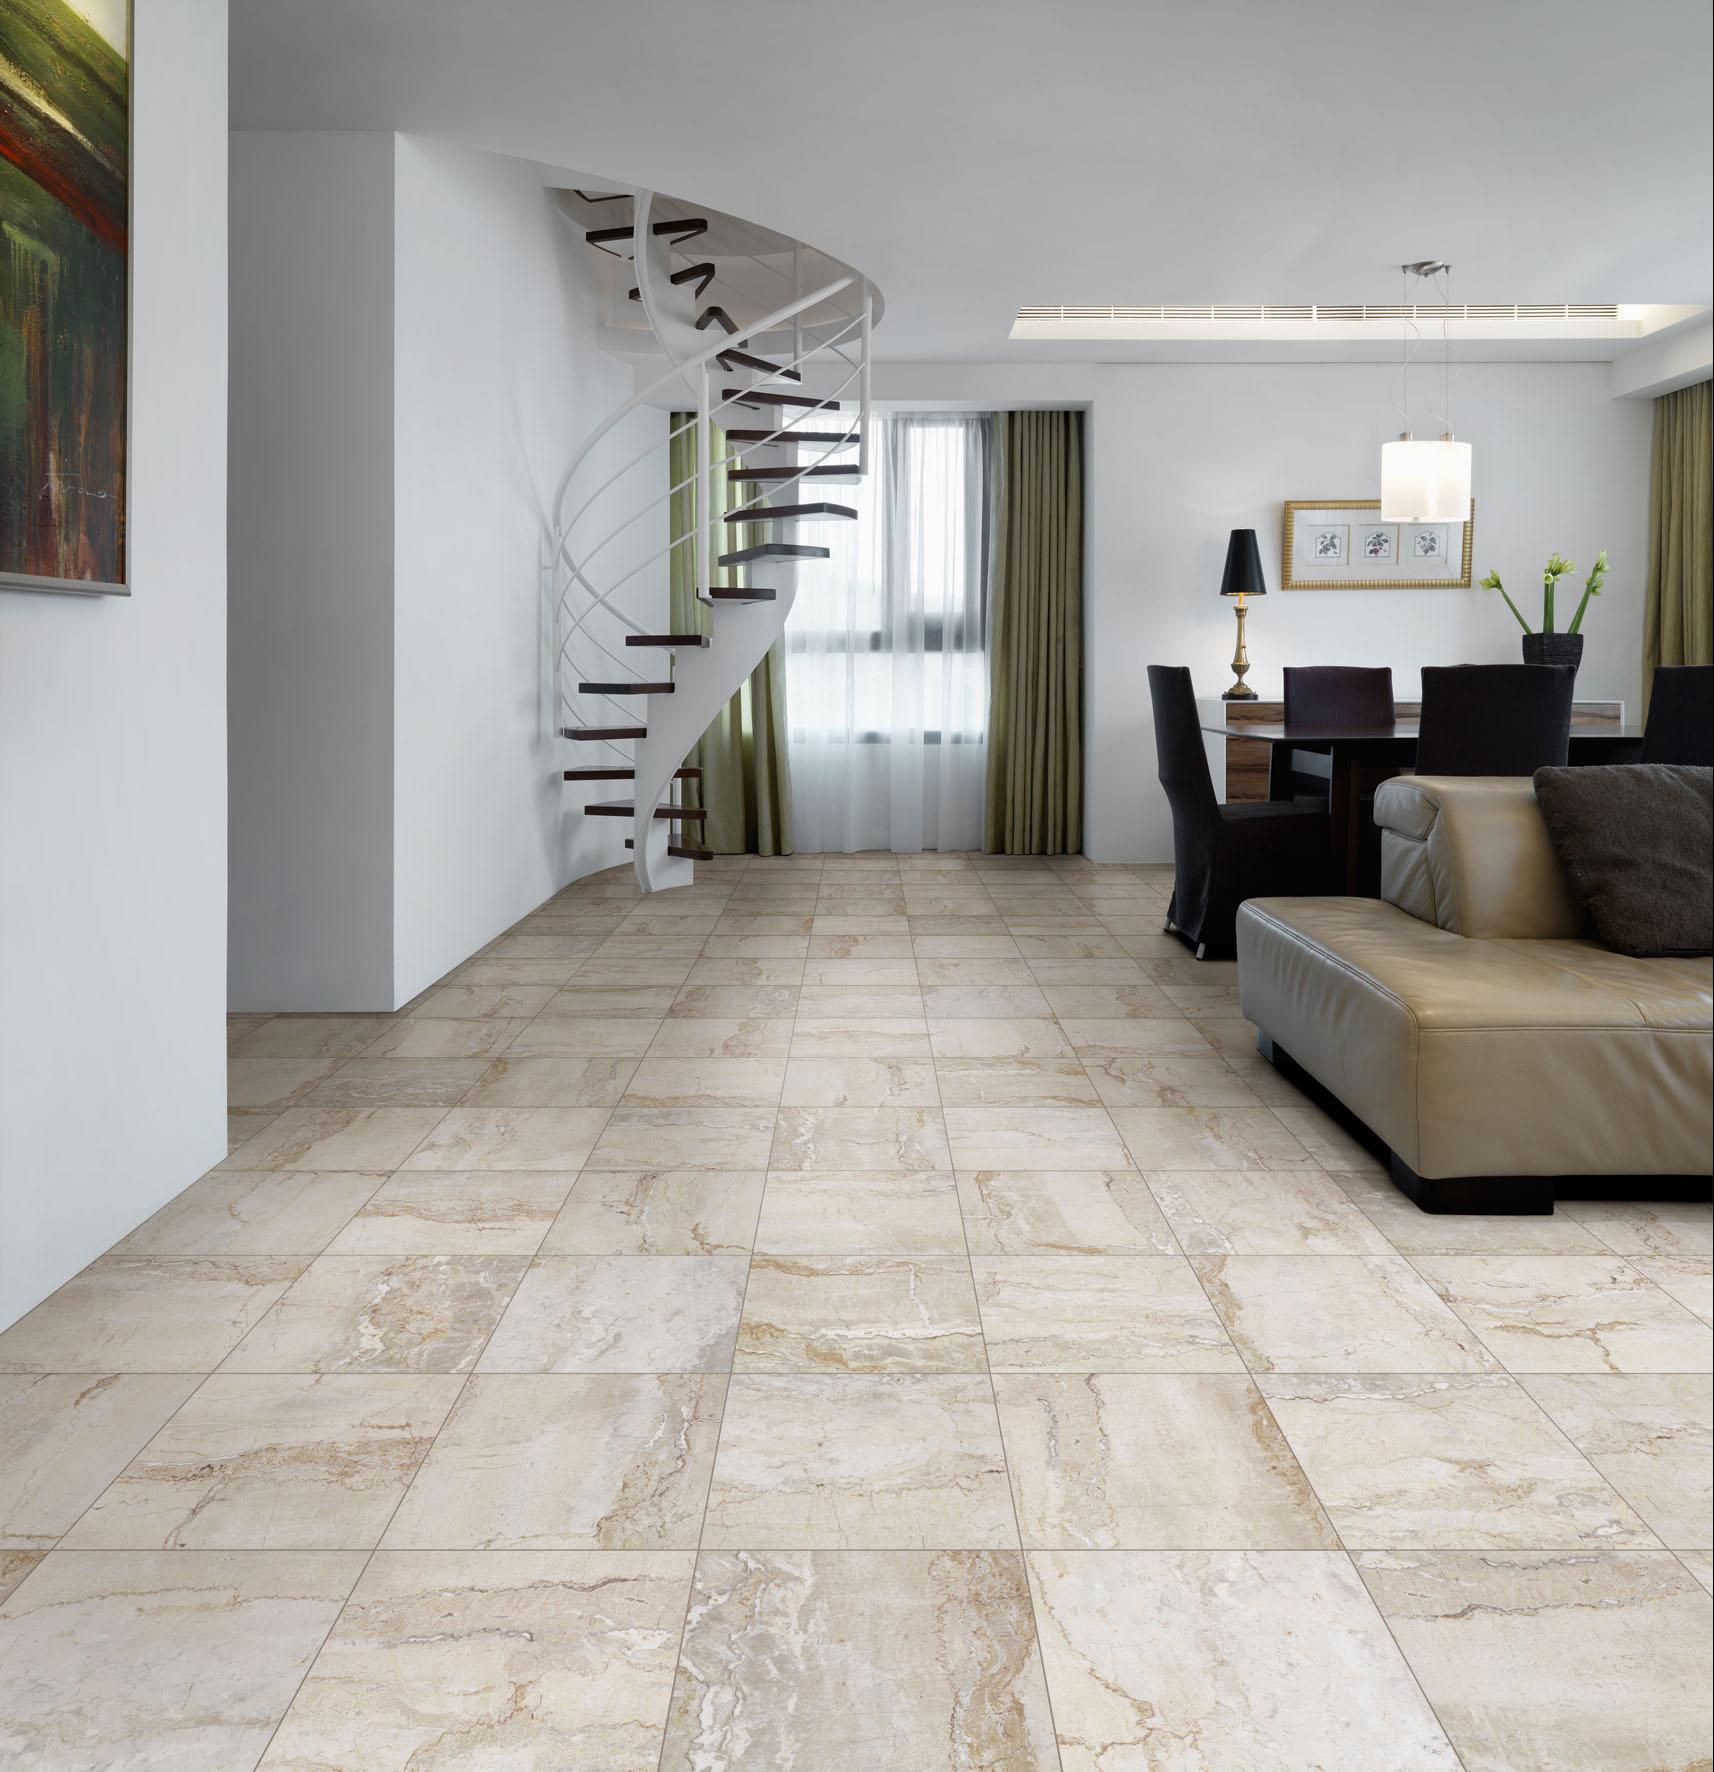 ambientazioni maxima serie prodotti saime ceramiche. Black Bedroom Furniture Sets. Home Design Ideas